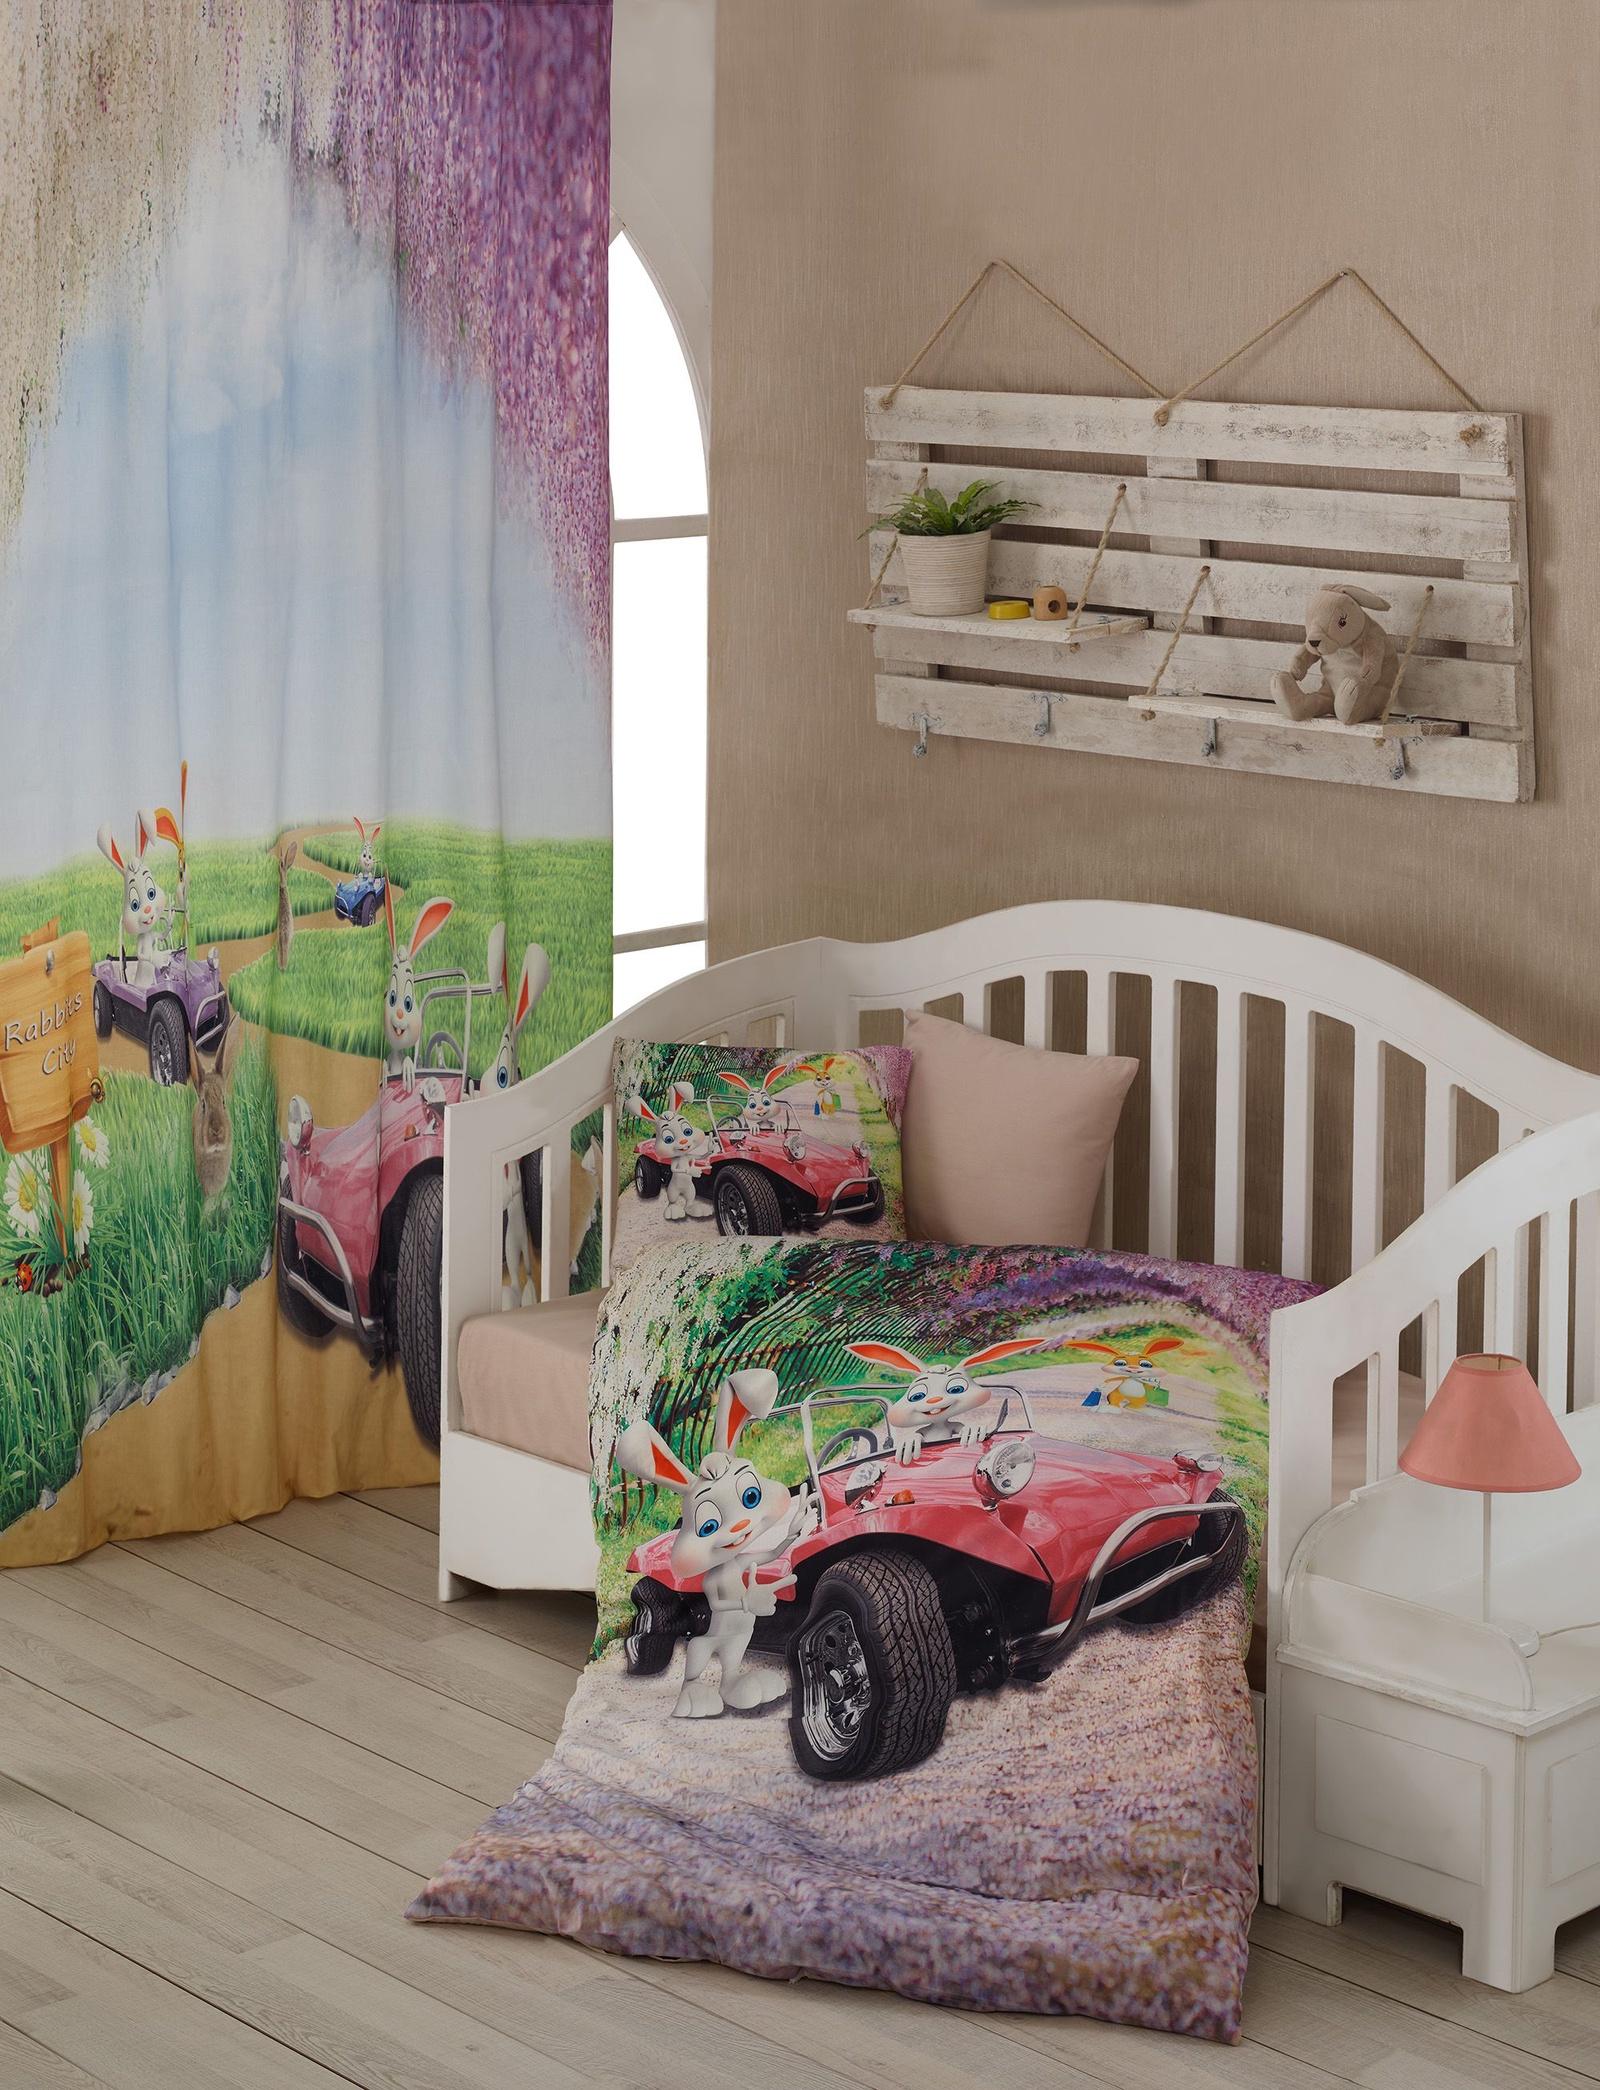 Фото - Комплект в кроватку Dantela Vita Misa 3D для новорожденных, 9167, хлопок, 100х150 см ботильоны кожаные misa